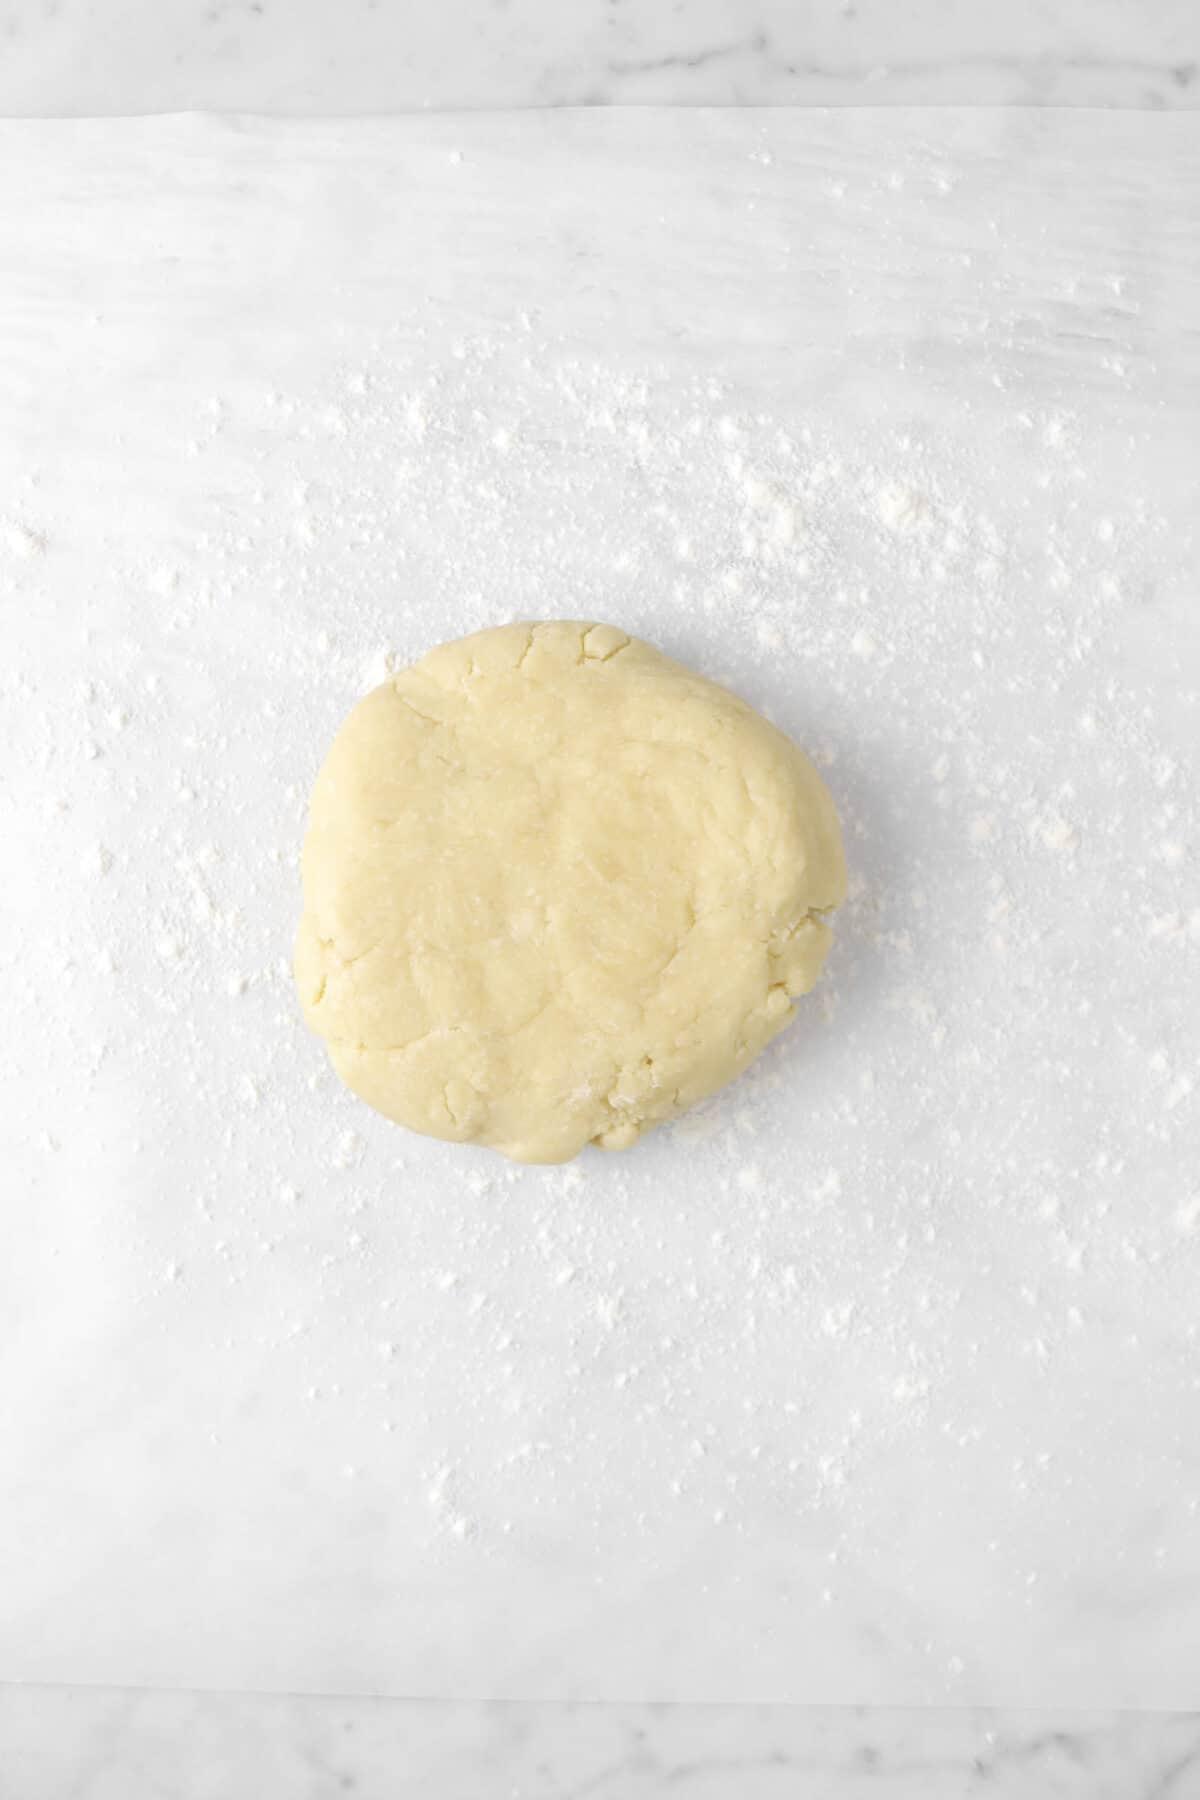 pie dough on lightly floured parchment paper